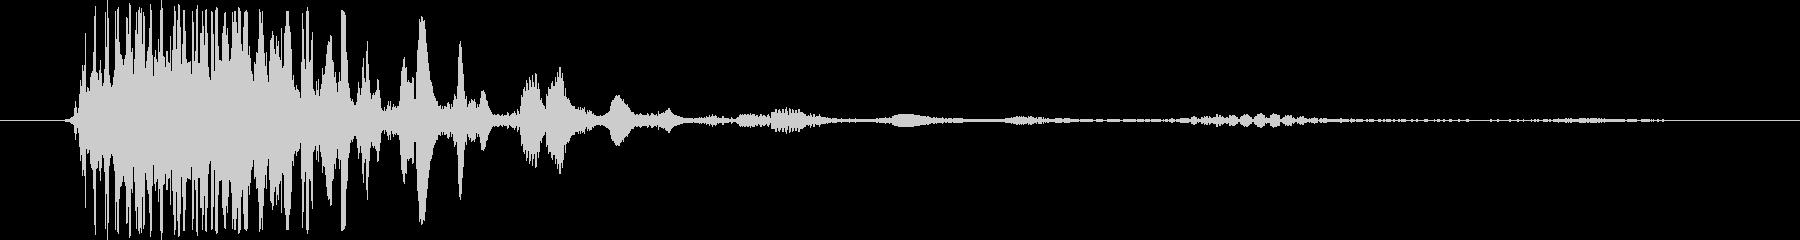 BLEEPSWEEP VERSION 6の未再生の波形